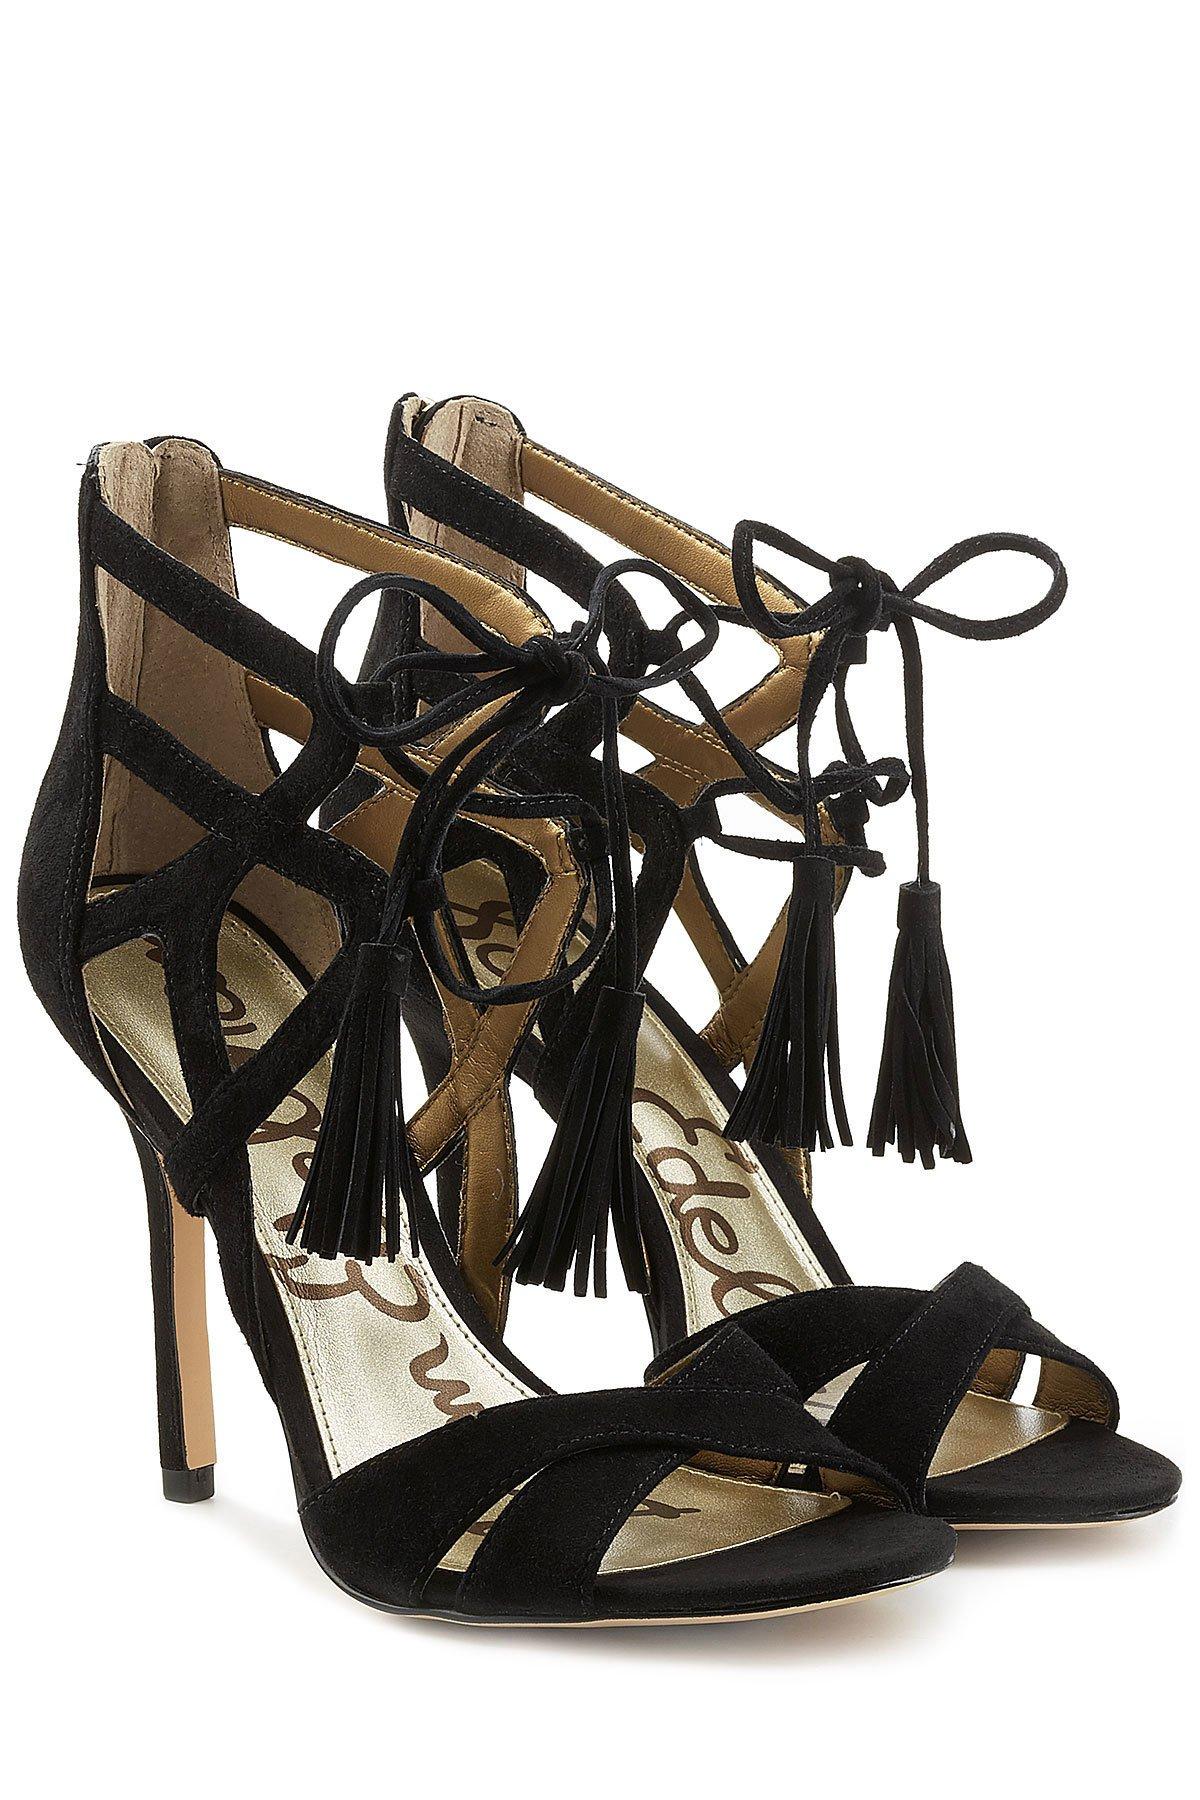 Azela Suede Stiletto Sandals Gr. EU 40